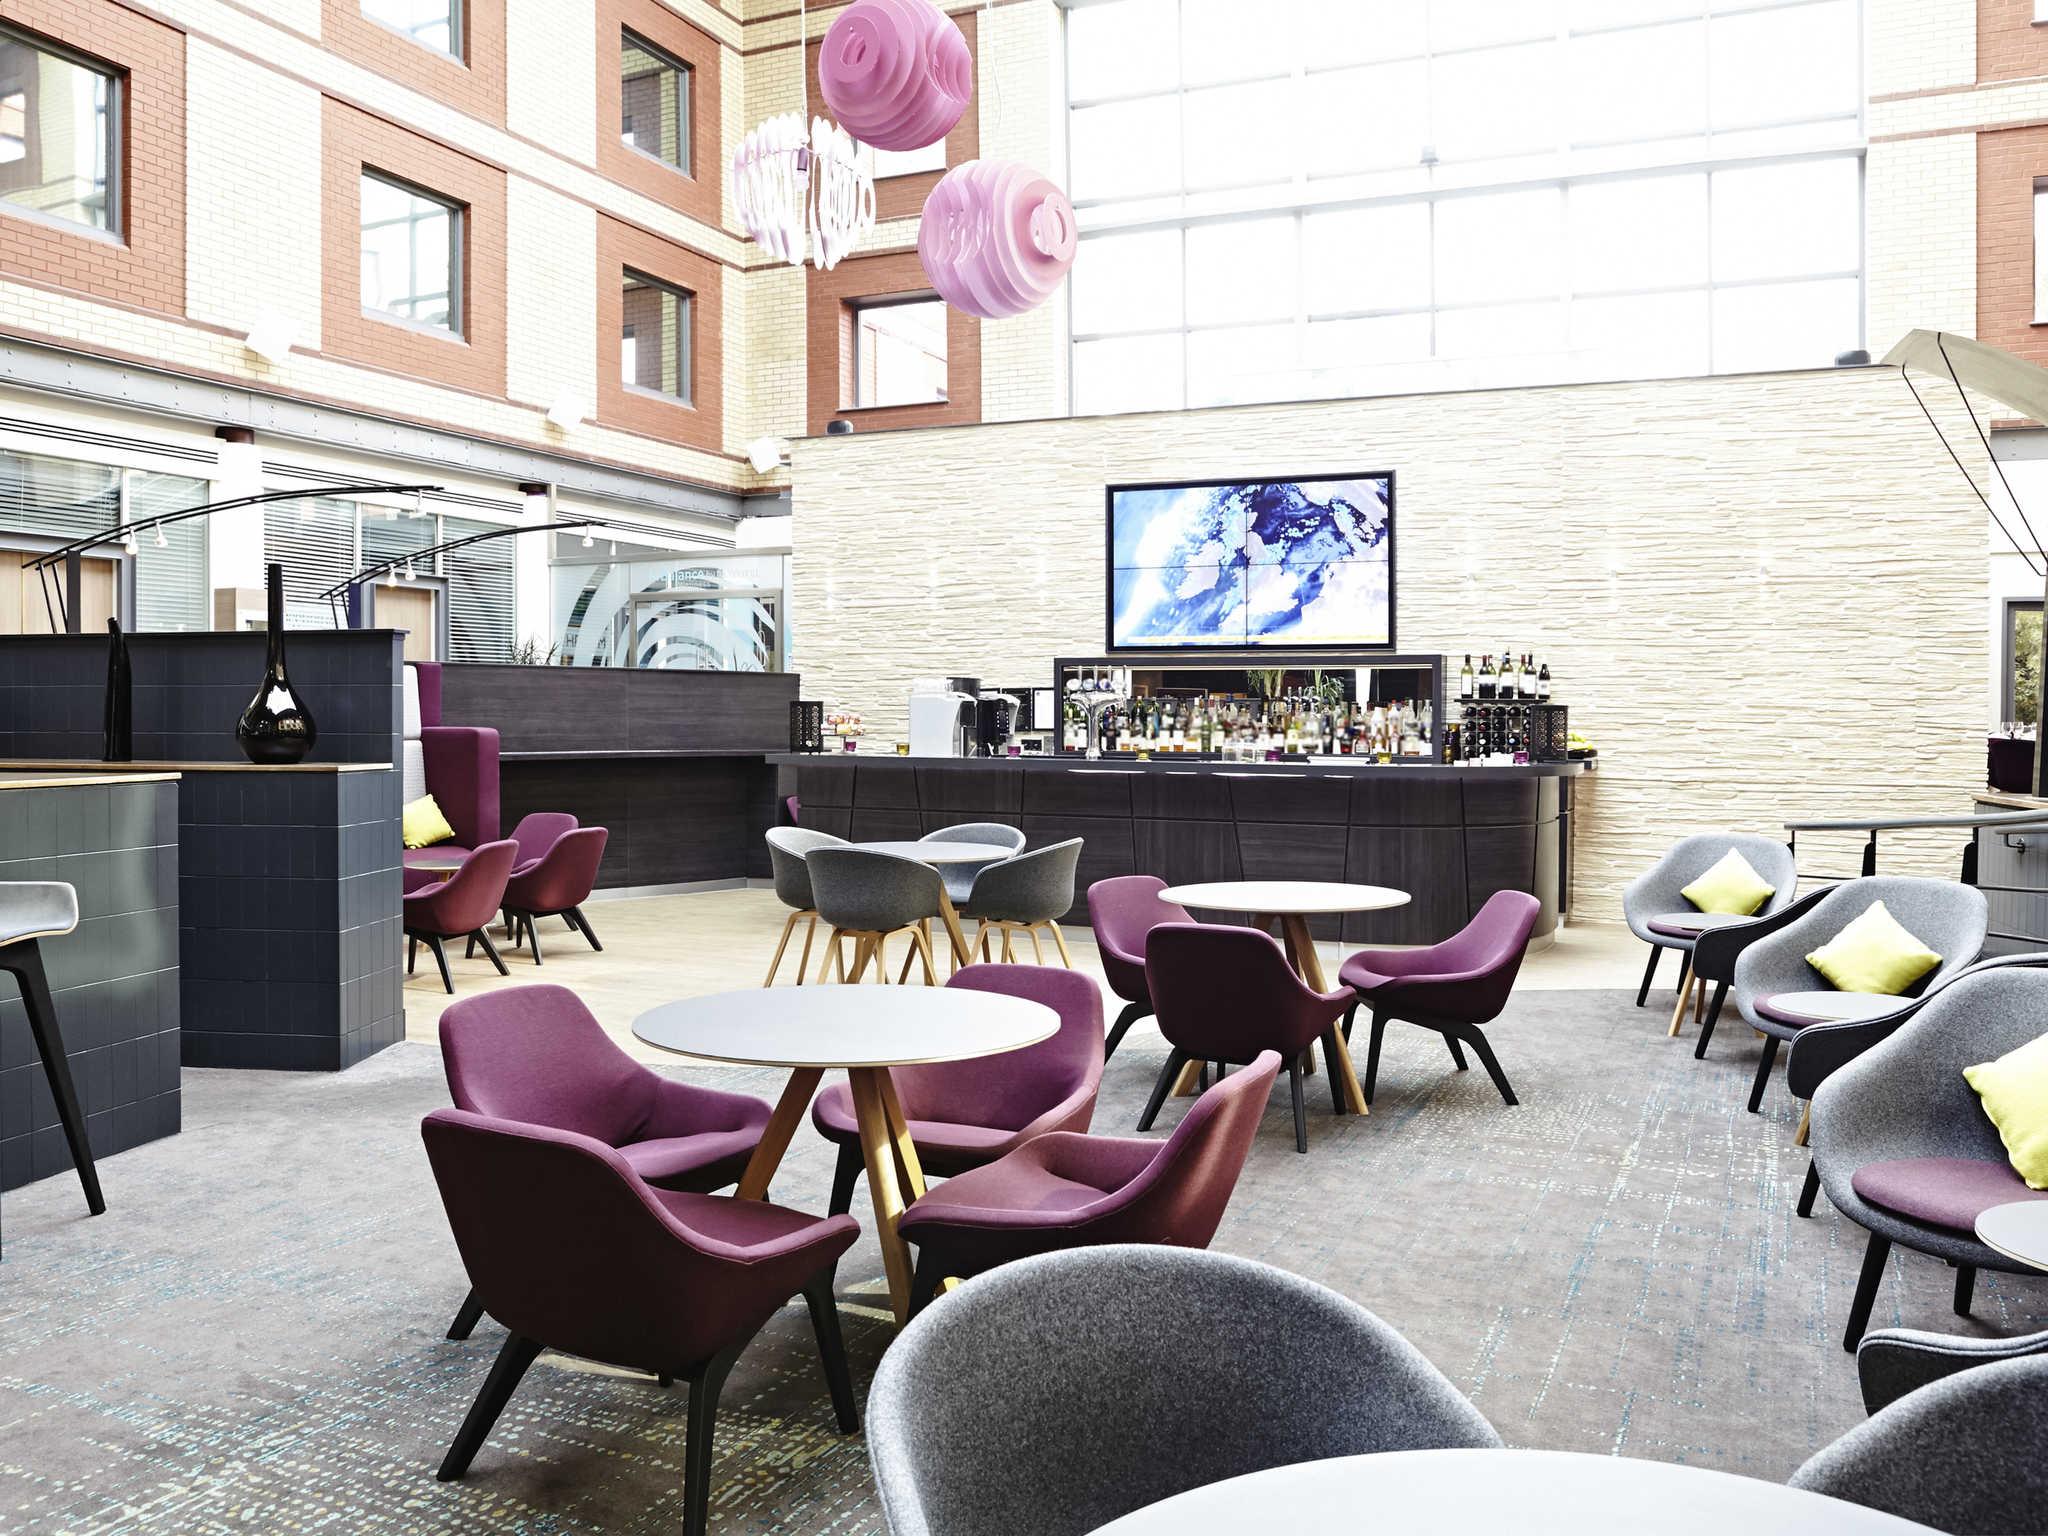 فندق - نوفوتيل Novotel لندن هيثرو إيربورت - M4 Jct 4